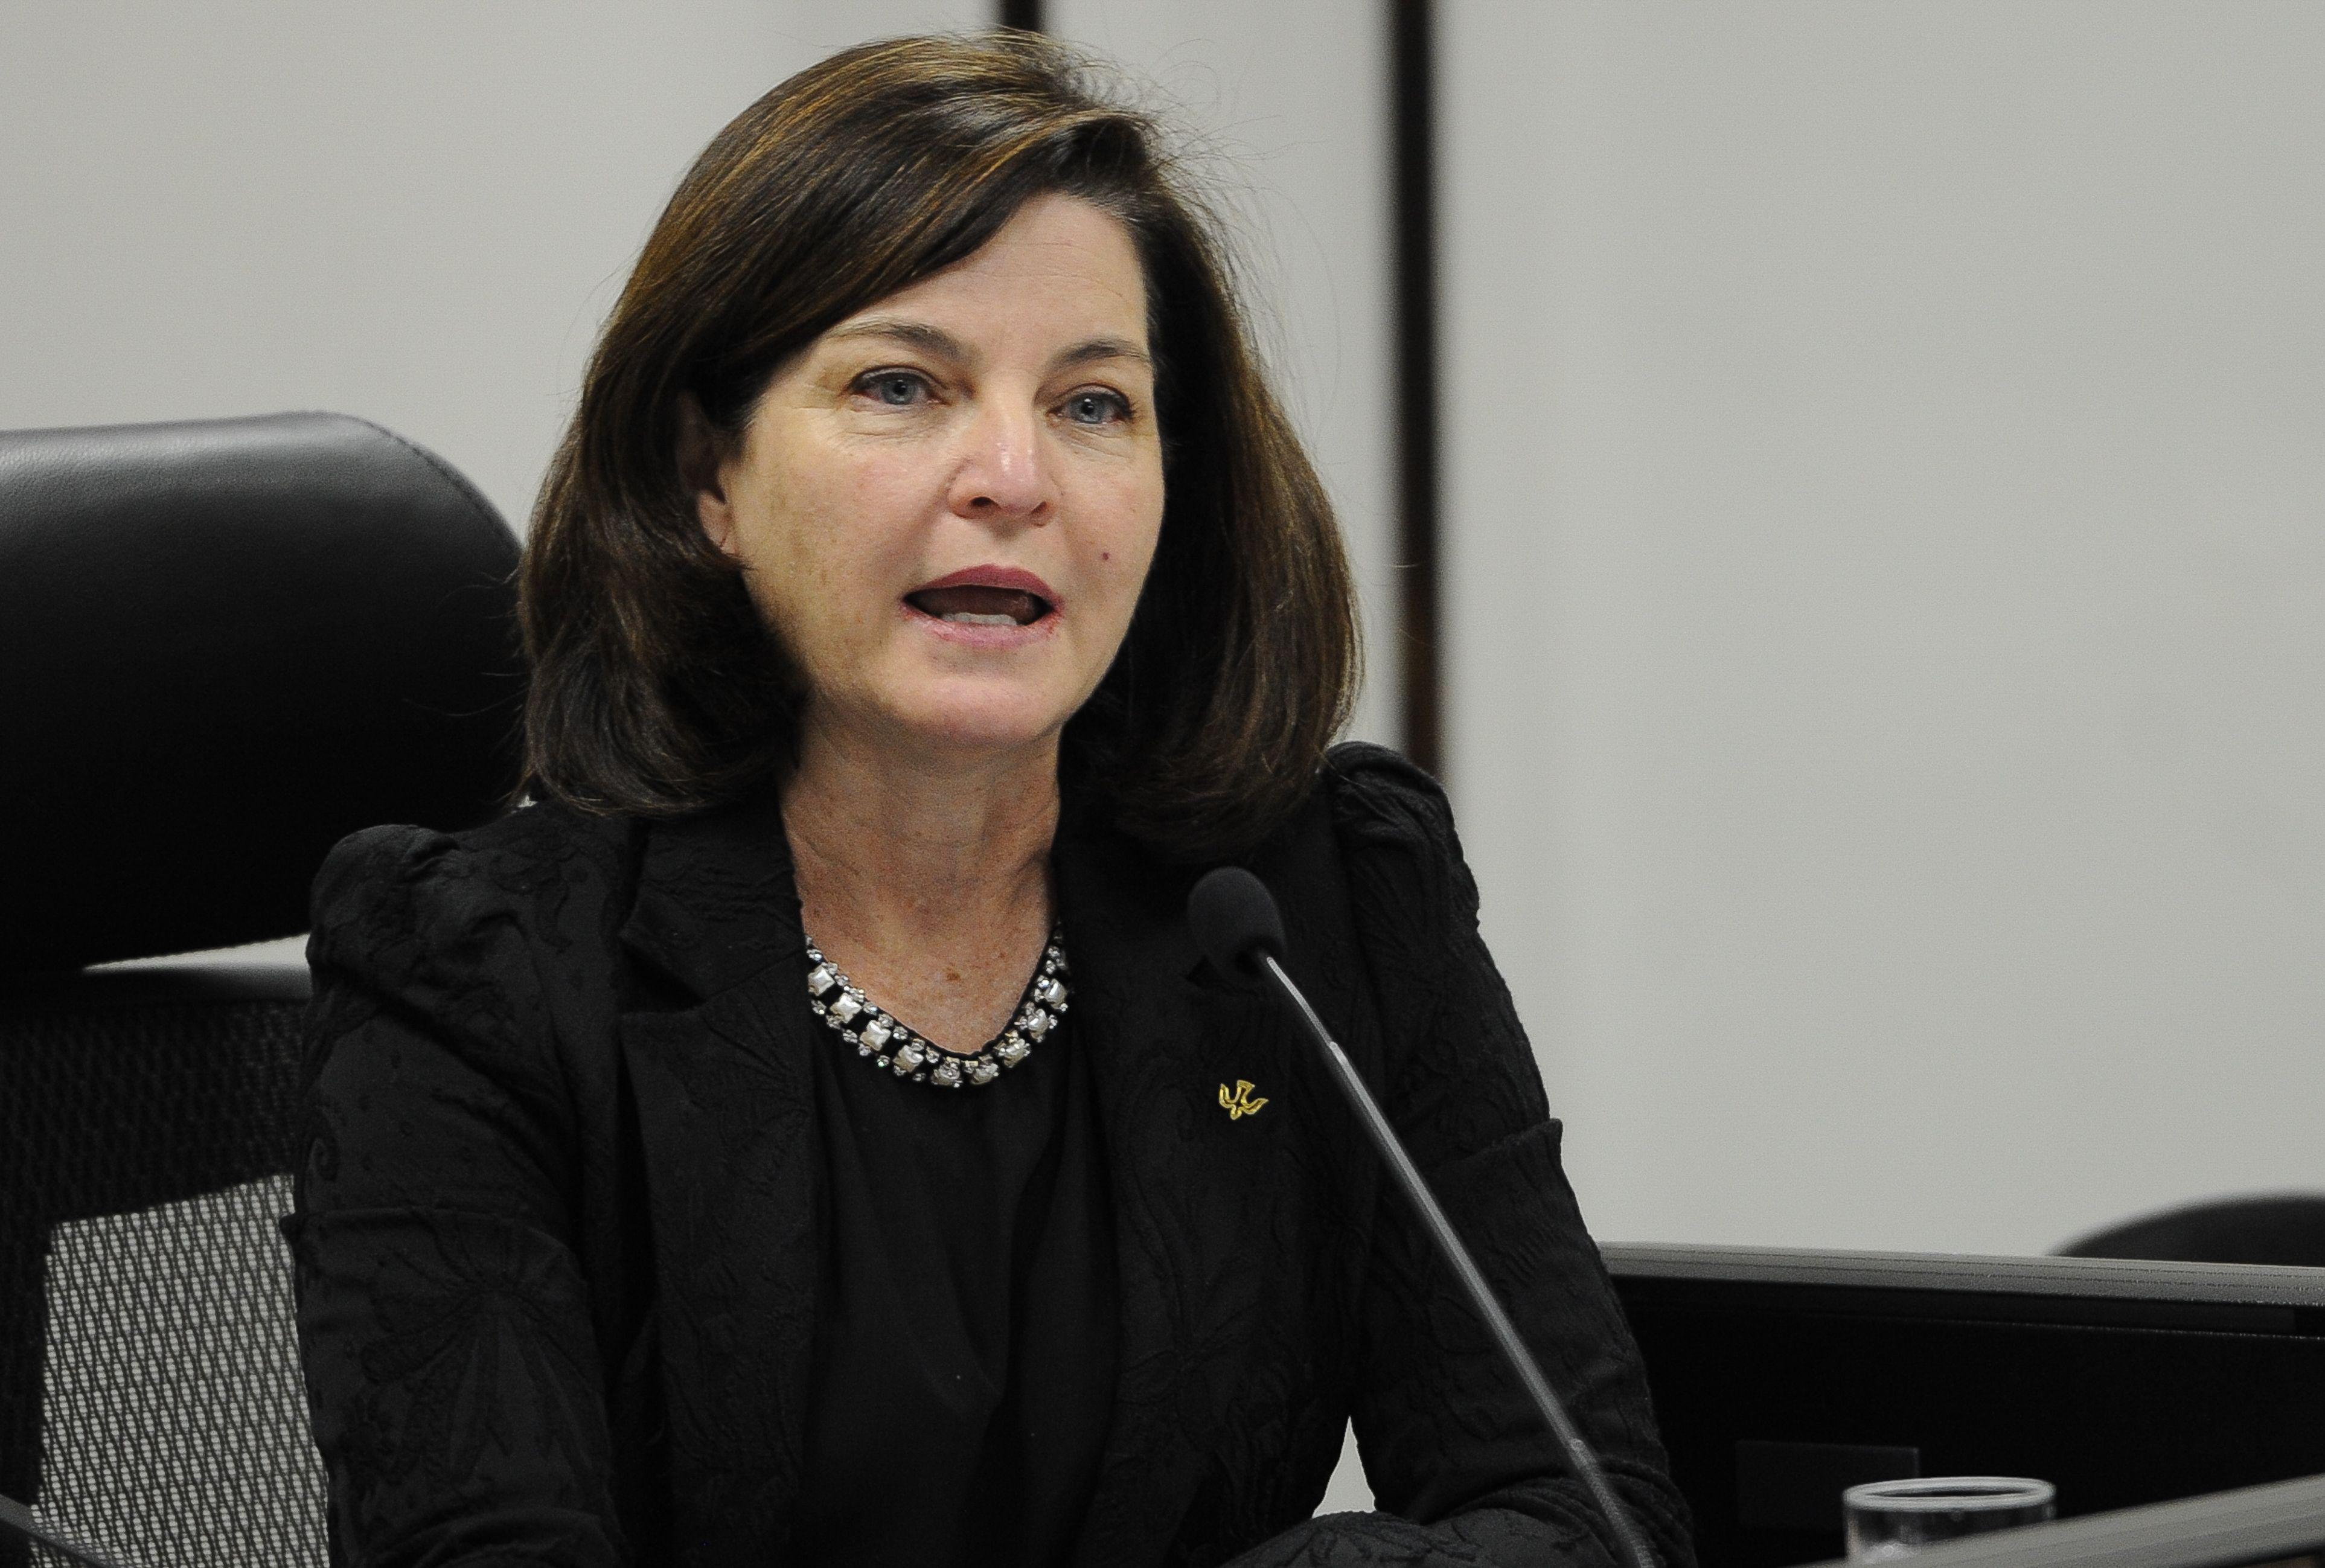 Procuradora-geral da República Raquel Dodge quer prisão de Collor – Antonio Cruz/ Agência Brasil